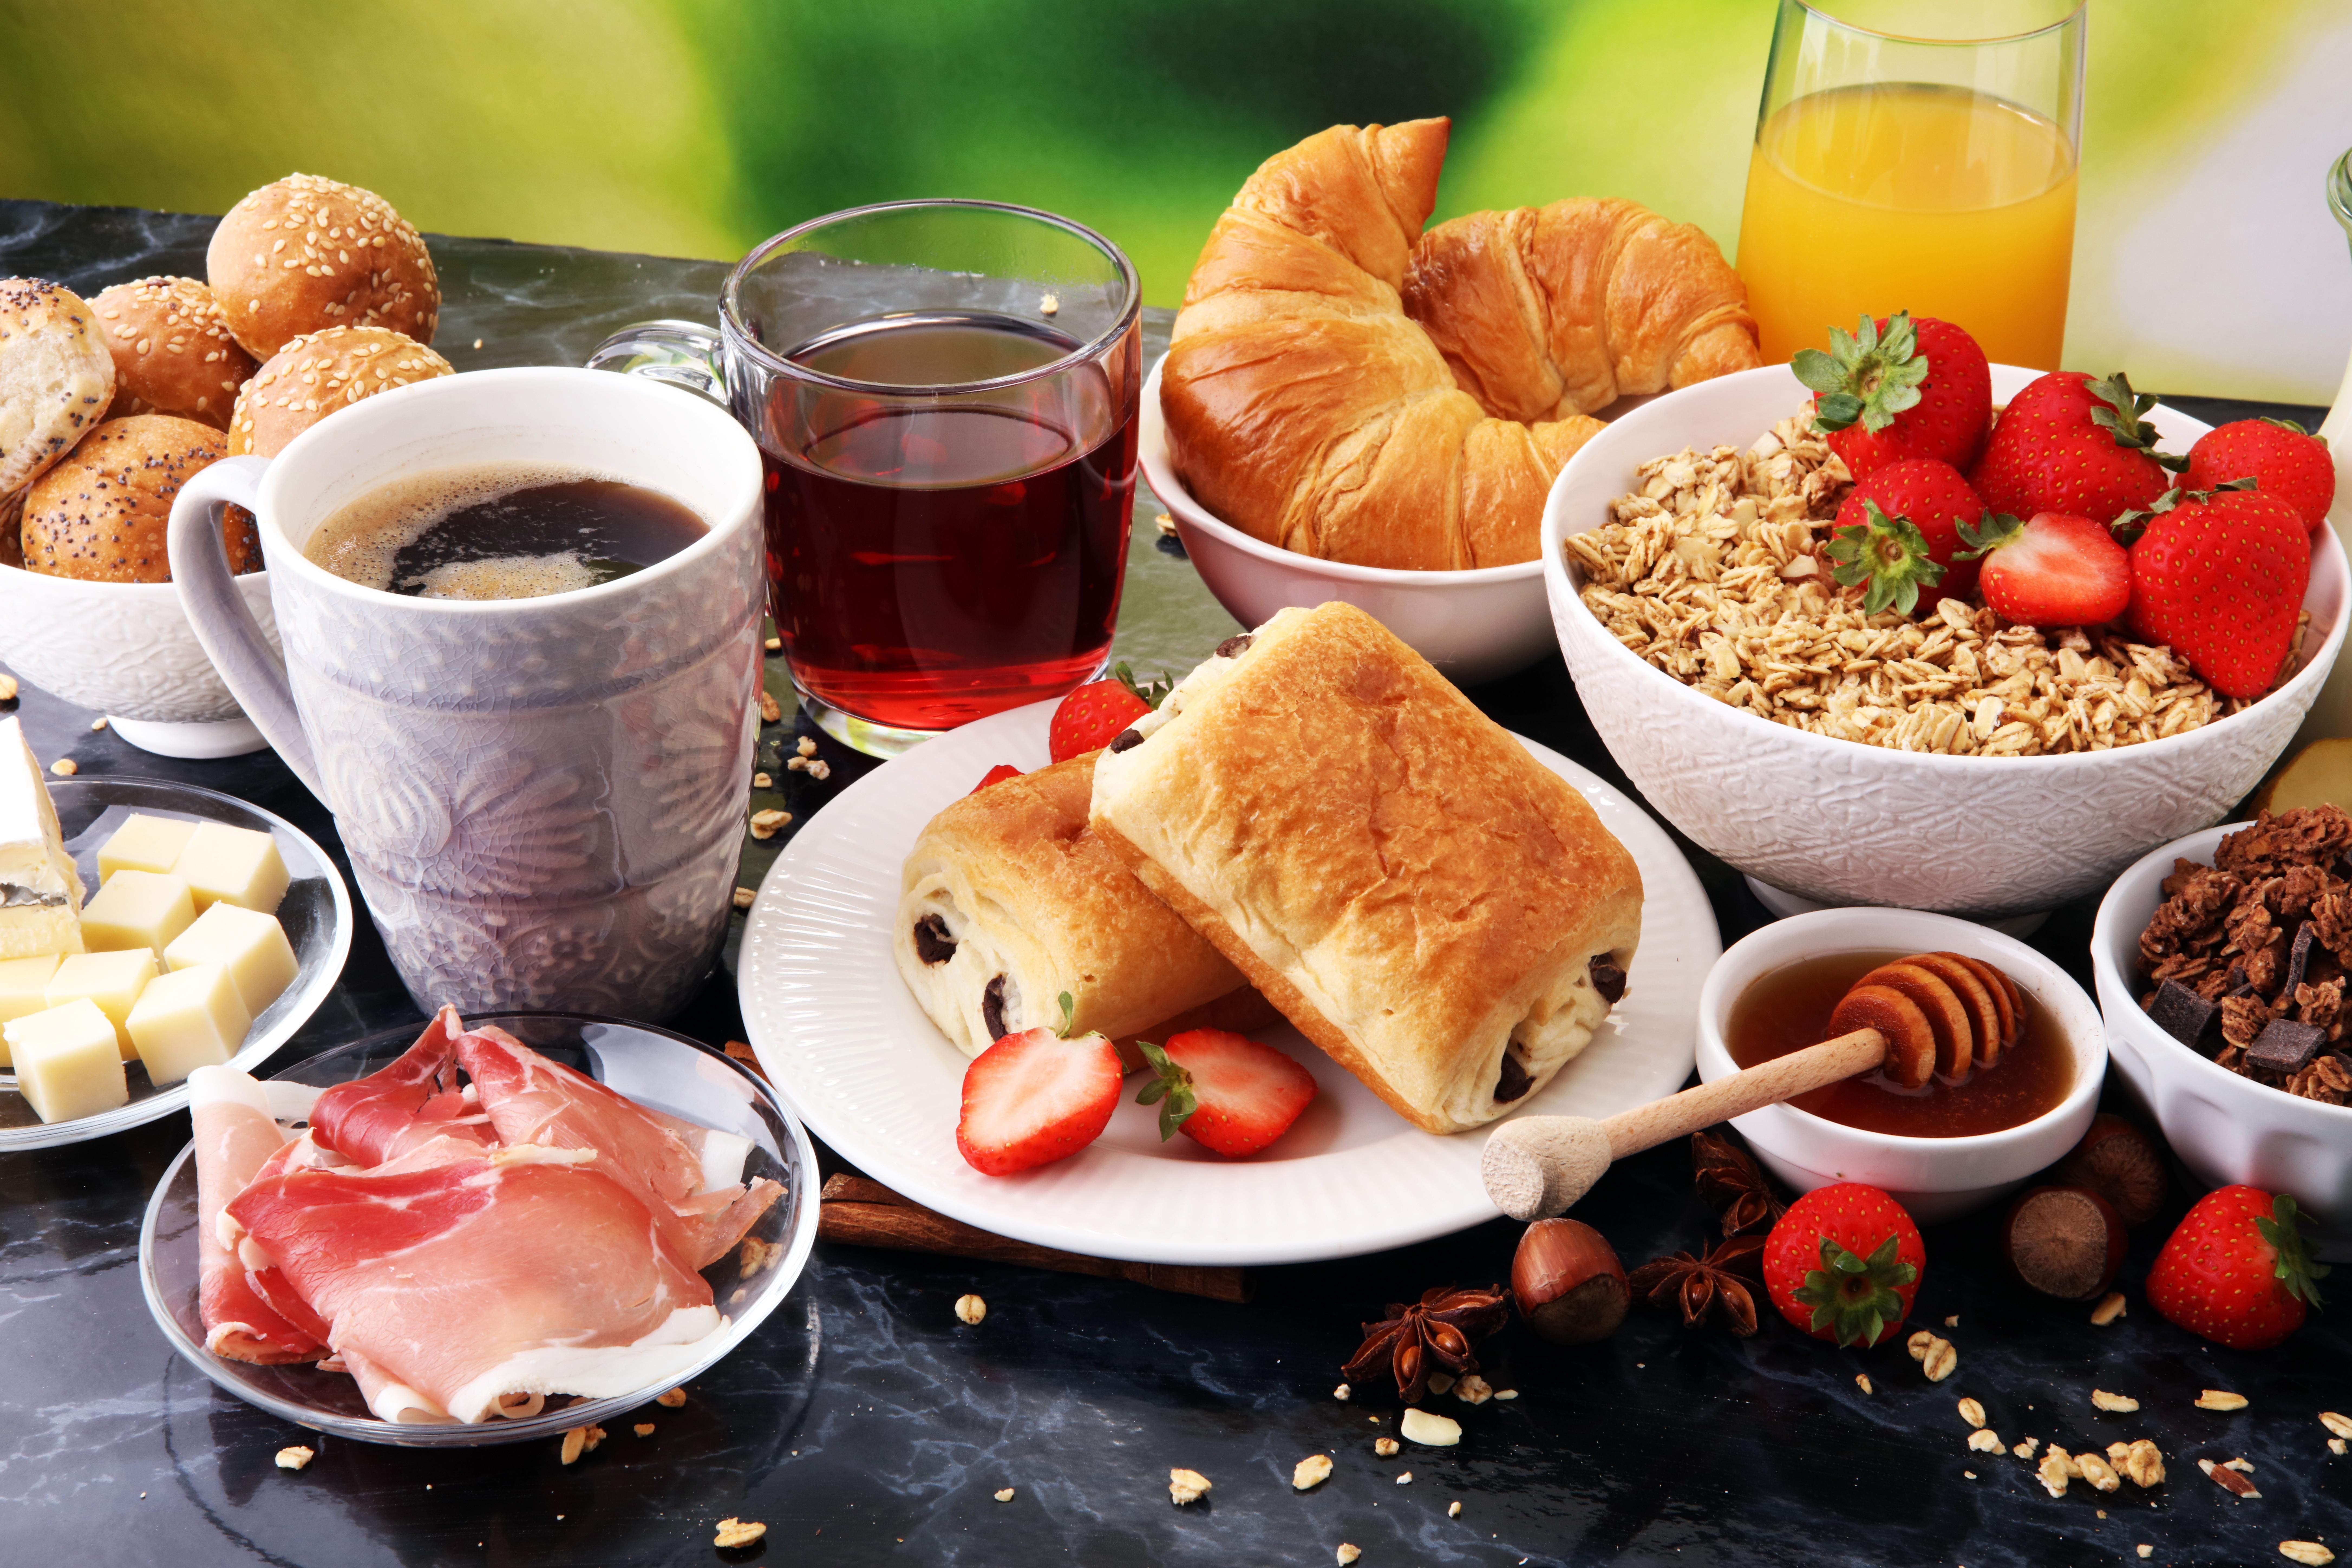 https://img4.goodfon.ru/original/8688x5792/3/64/zavtrak-chai-kofe-sok-bulochki-ovsianka-iagody-kruassany-syr.jpg